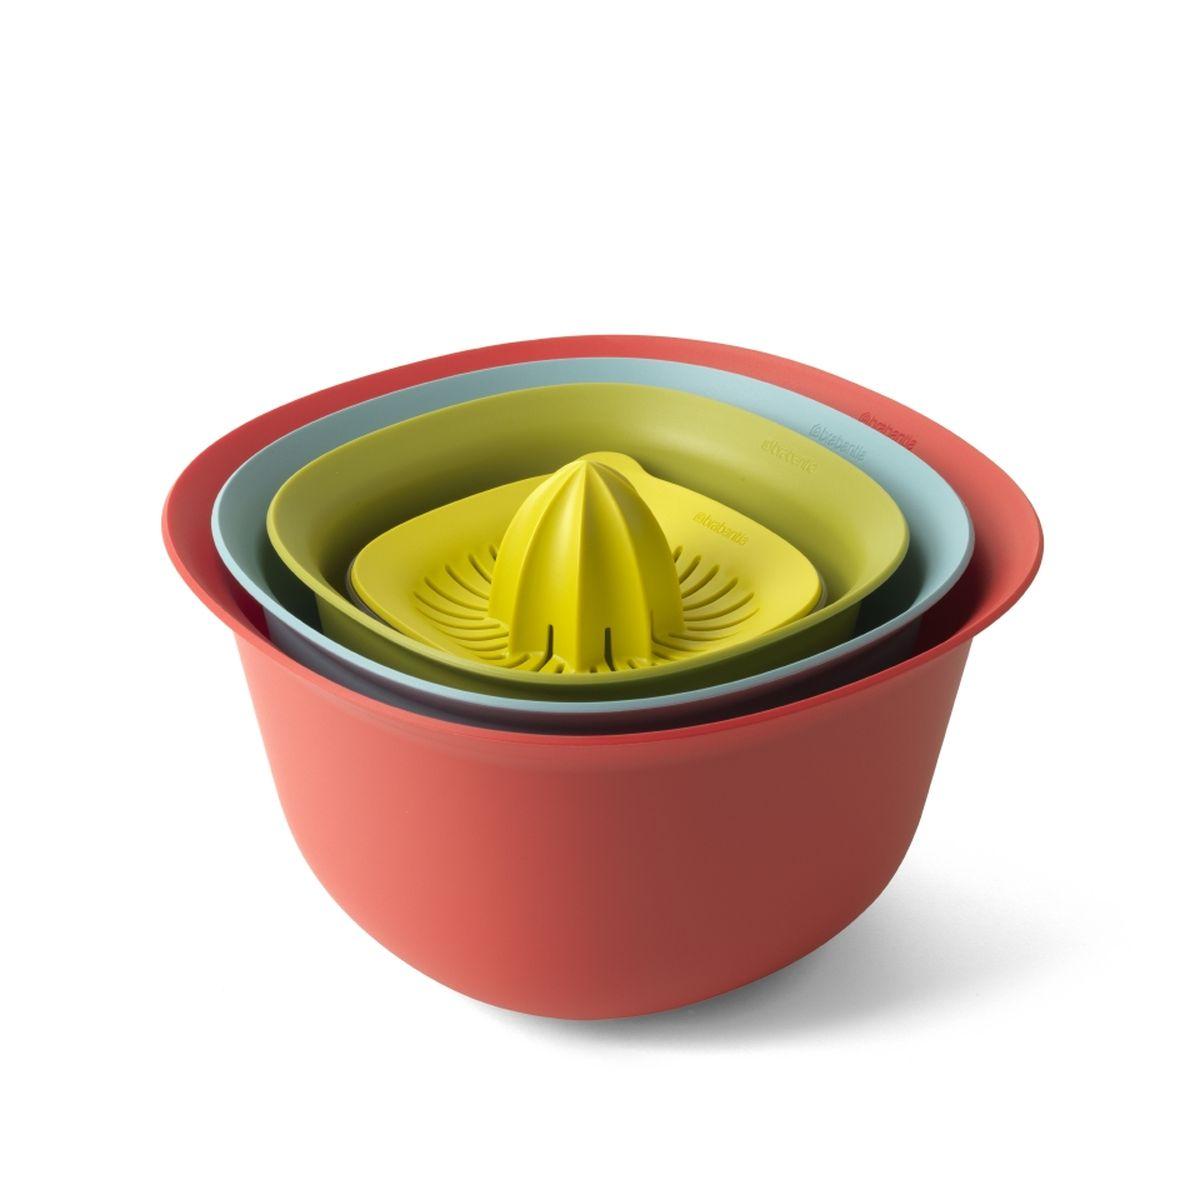 Набор салатников Brabantia Tasty Colours (4шт)110047В набор входят: миски 1,5 и 3,2 л, дуршлаг, соковыжималка для цитрусовых с мерным стаканом. Экономия места на кухне и удобное хранение в выдвижном ящике – изделия составляются одно в другое; Легко моются – можно мыть в посудомоечной машине; Миски и мерный стакан имеют нескользящее основание; Мерный стакан вместимостью 500 мл имеет четкие мерные деления в мл, пинтах, порциях и жидких унциях; Соковыжималка подходит для приготовления сока из любых цитрусовых; Гарантия 5 лет.